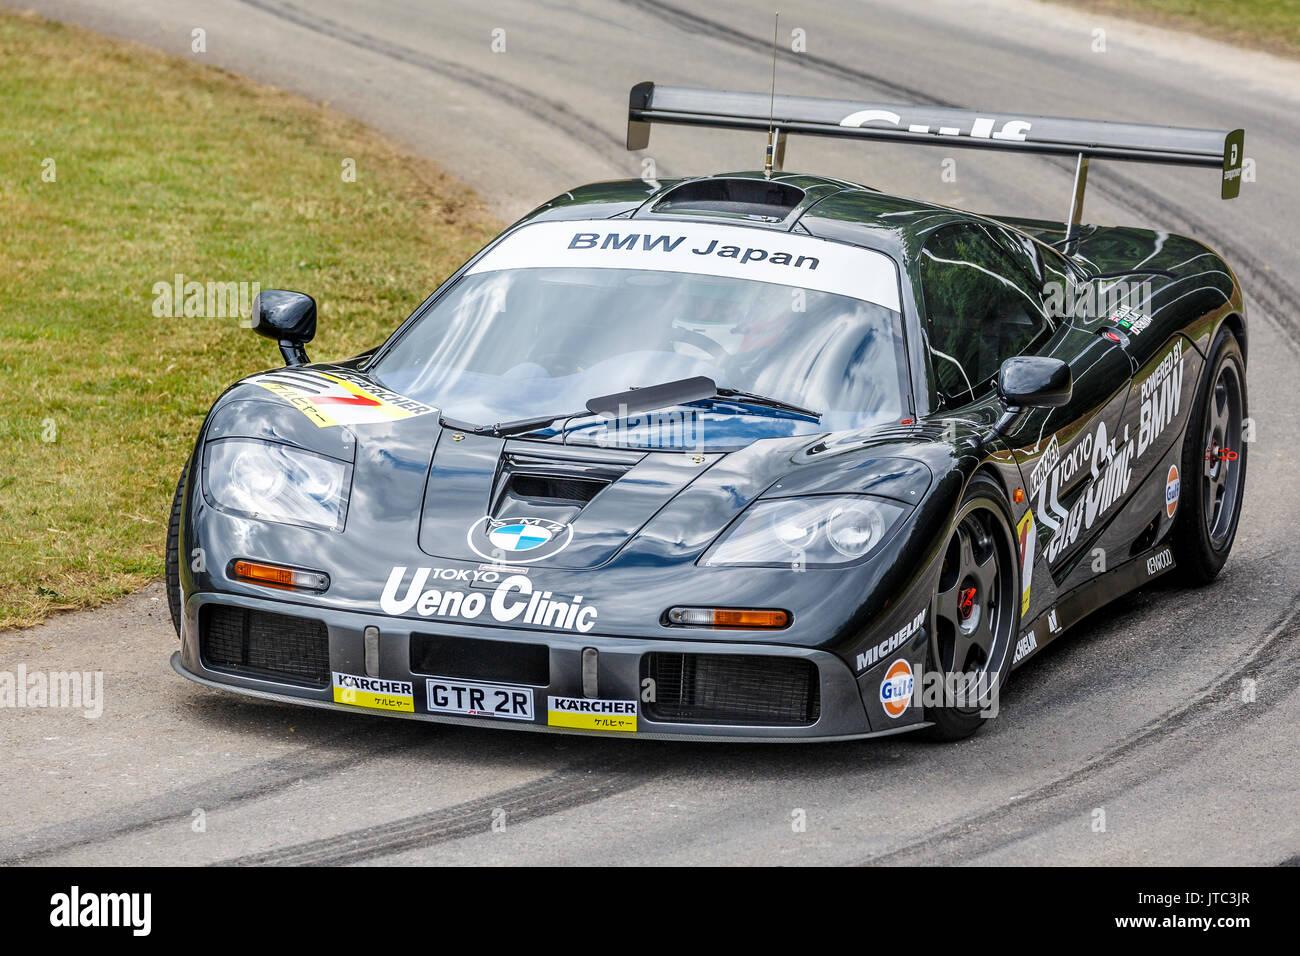 https://c8.alamy.com/comp/JTC3JR/1995-mclaren-f1-gtr-longtail-le-mans-endurance-racer-with-driver-dean-JTC3JR.jpg